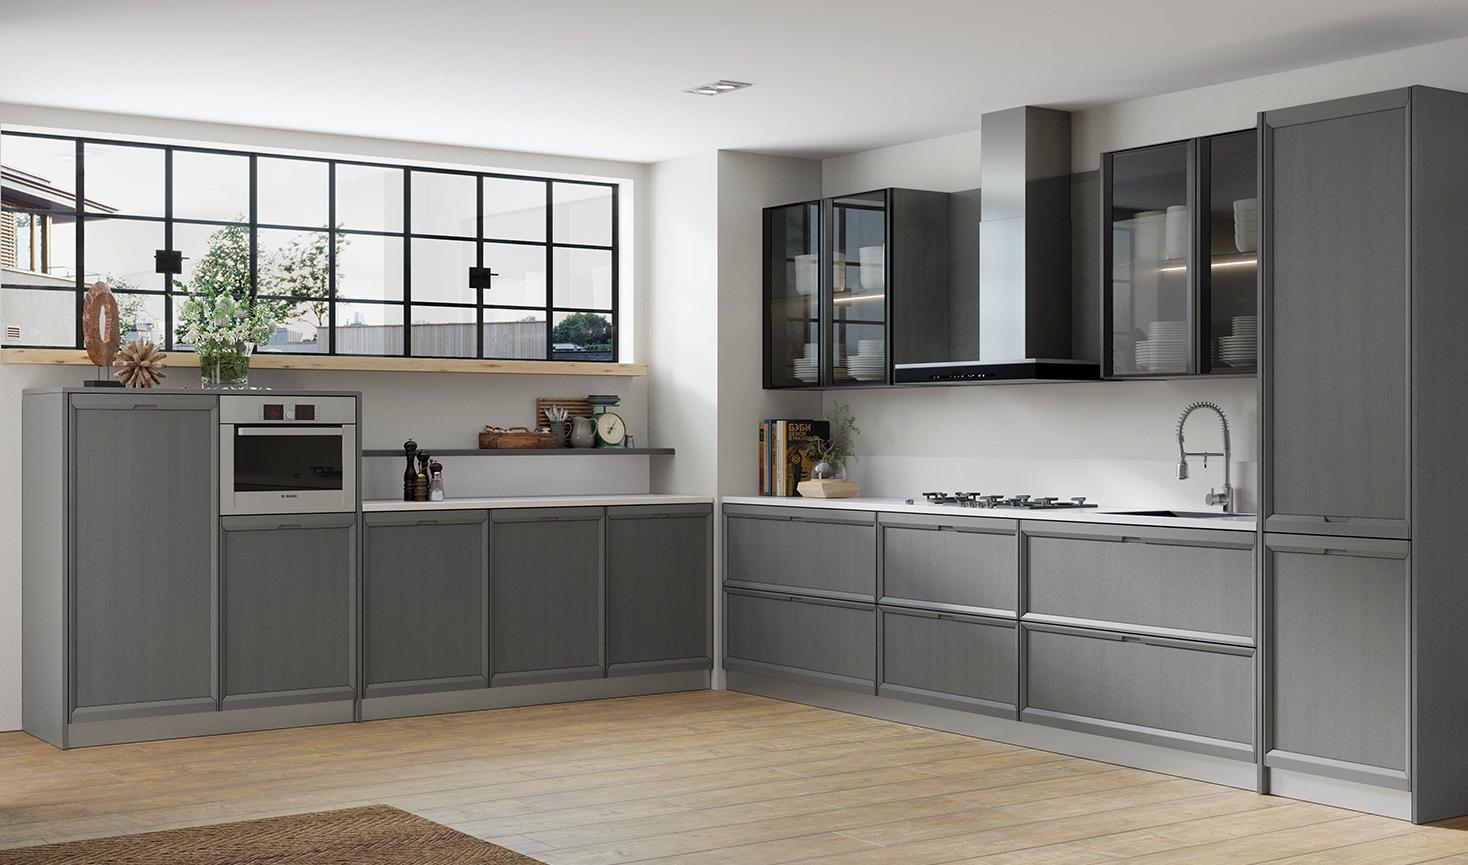 Muebles de cocina en La Rioja-KitchenTime24